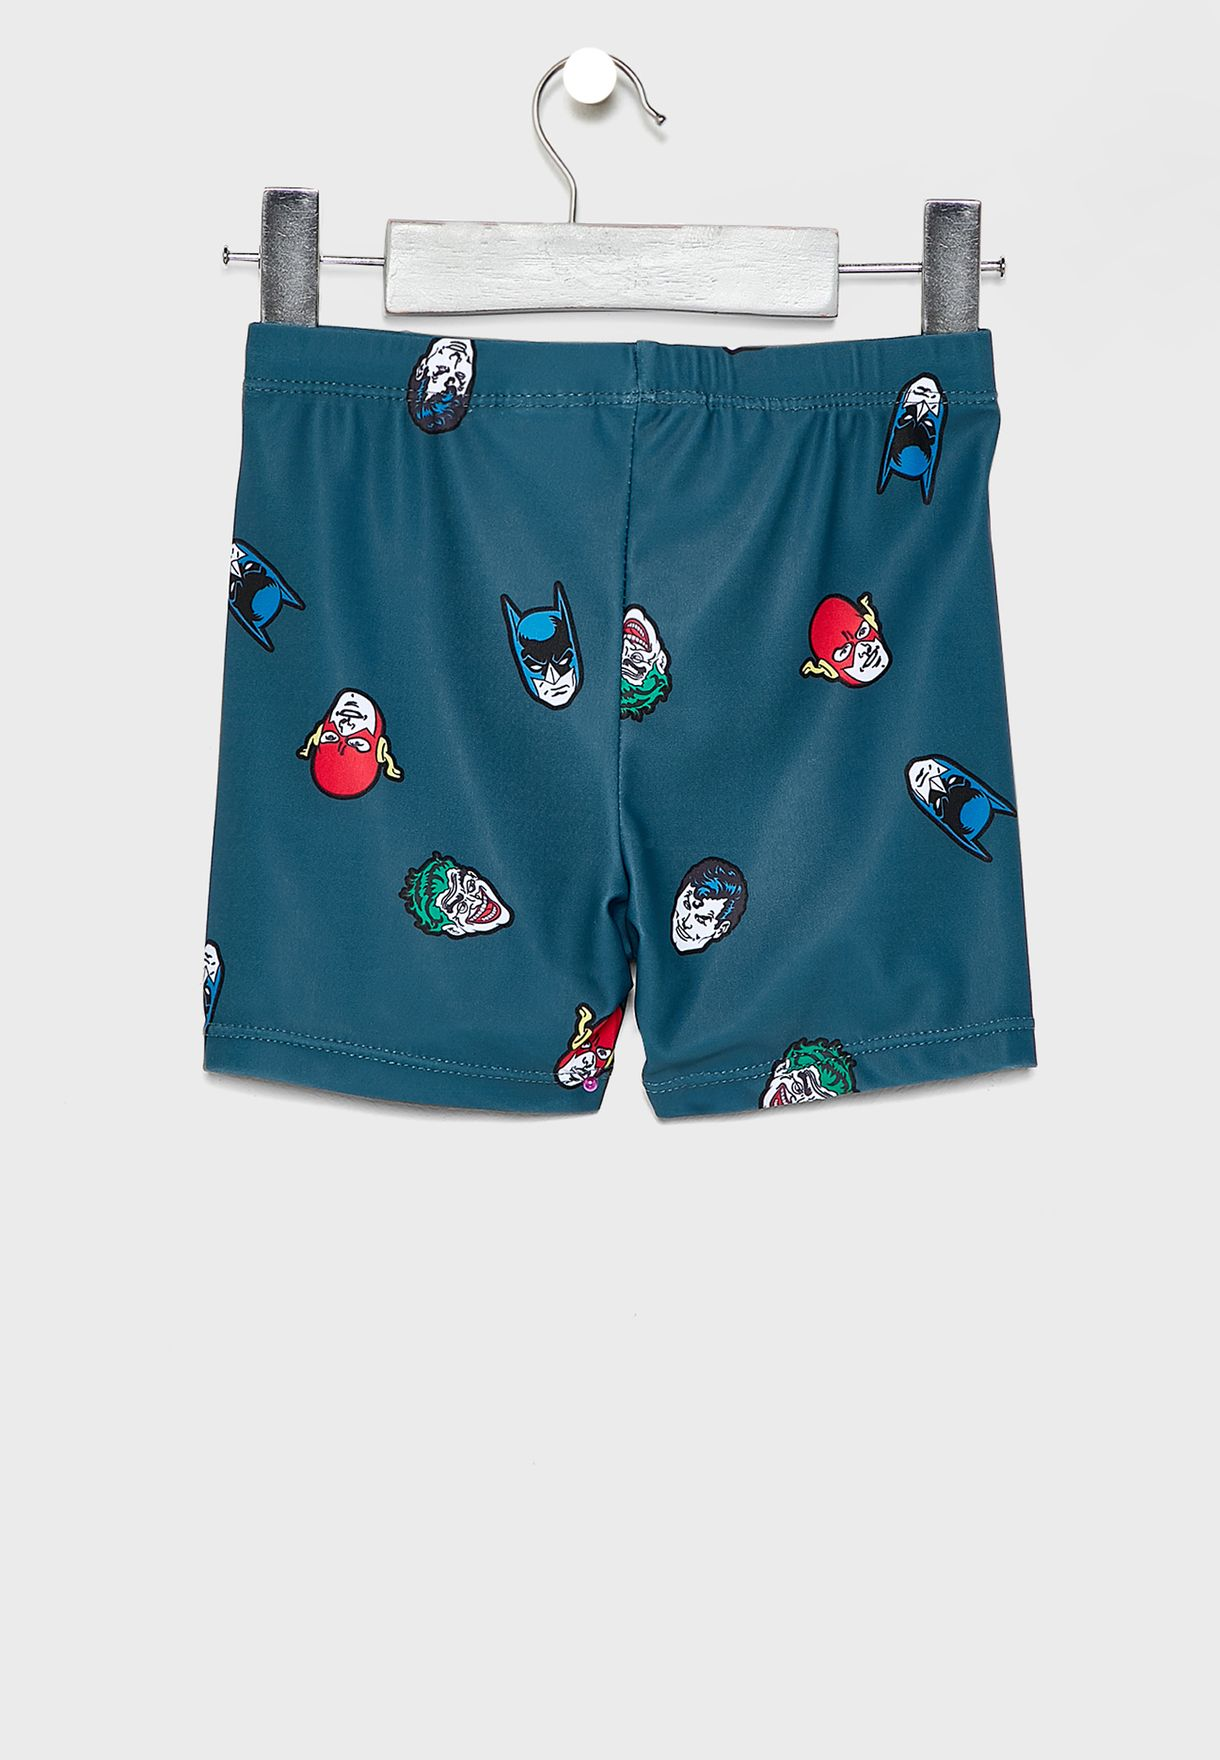 Kids Justice League Swim Shorts